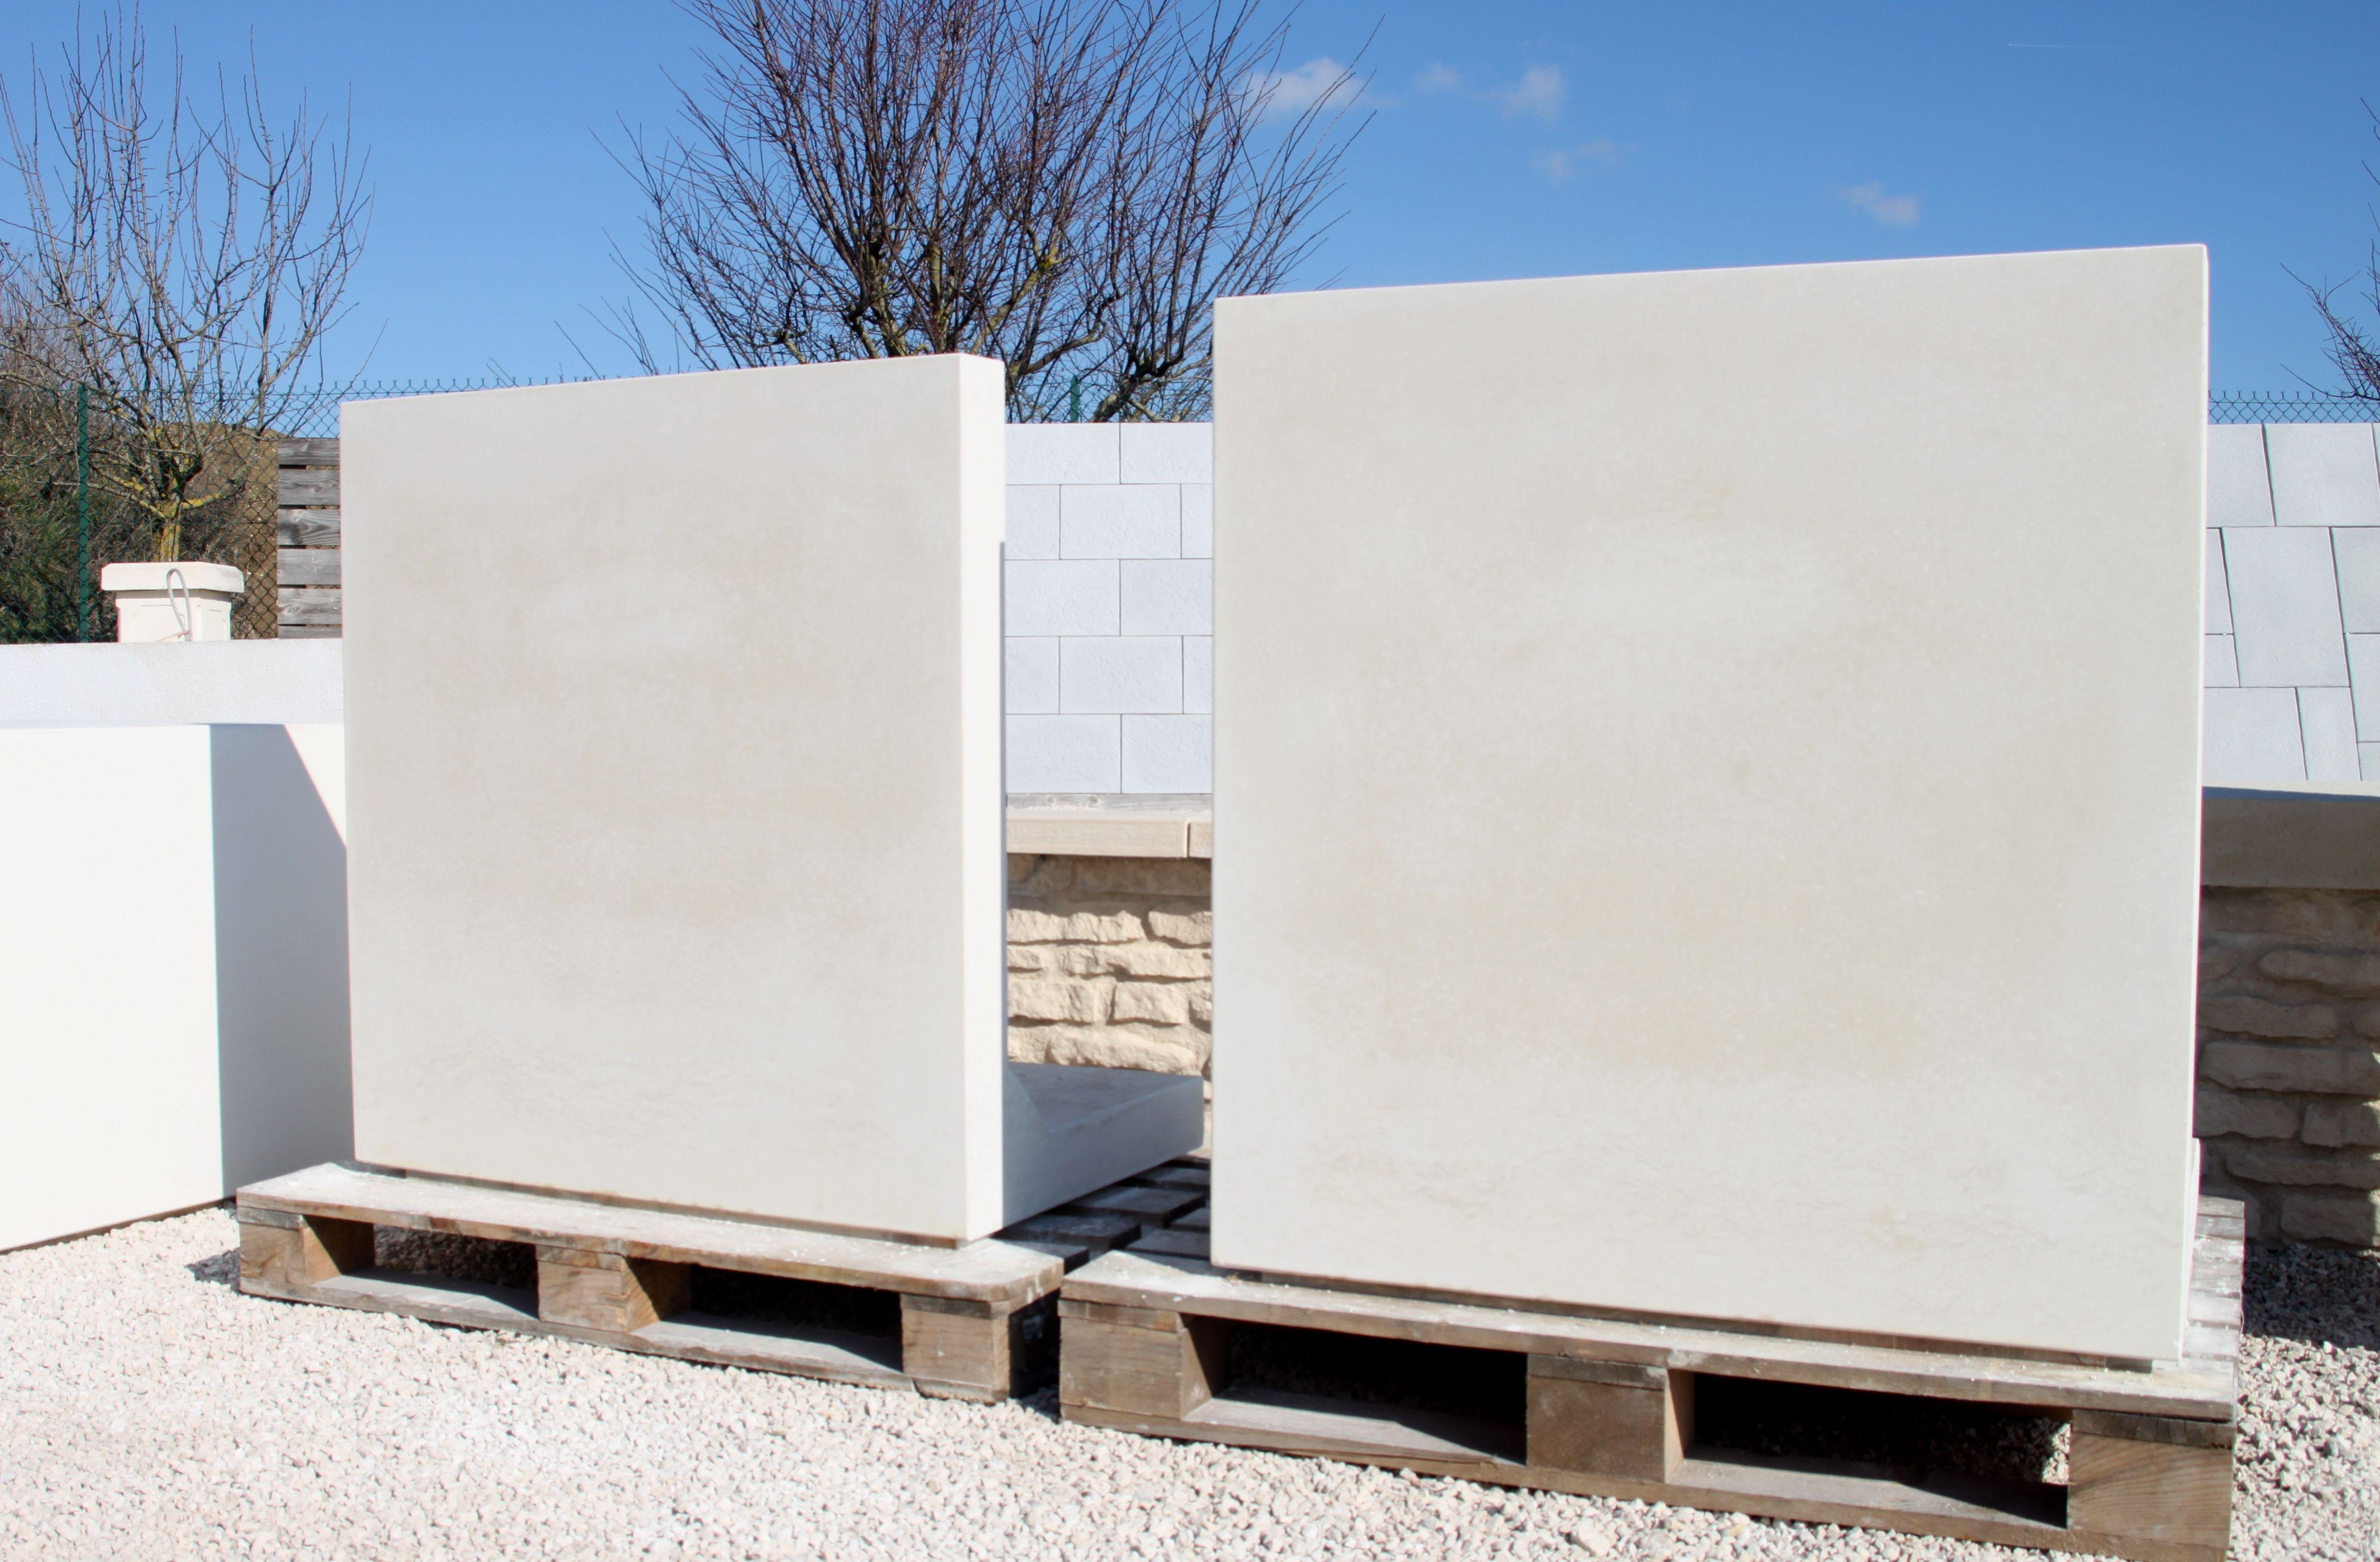 Prix D Un Mur De Cloture En Plaque De Beton mur ou muret de clôture 'en l', mur de soutènement en béton